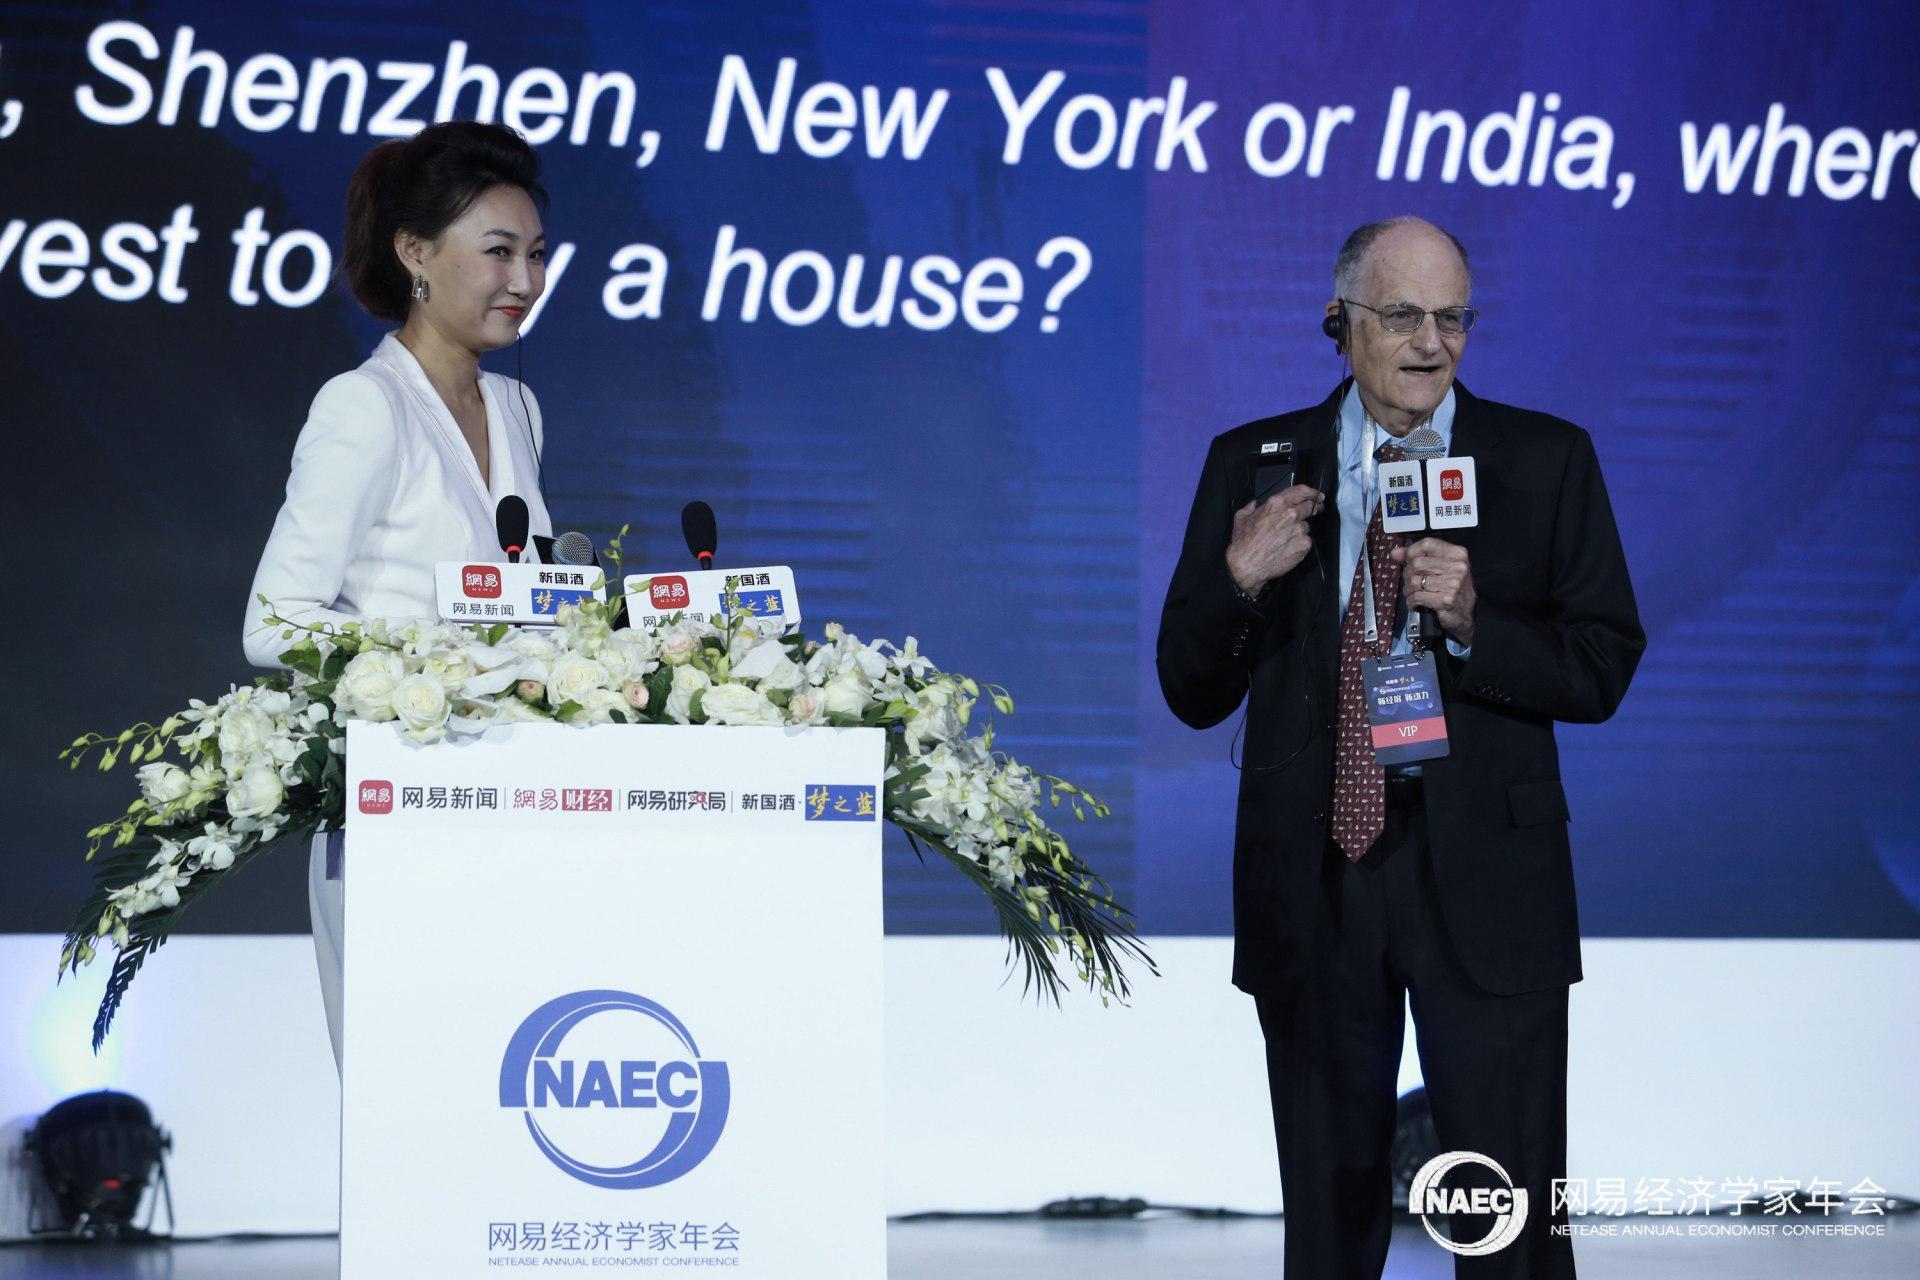 诺奖得主称有钱会选在北京深圳买房 网易经济学家年会夏日激辩经济